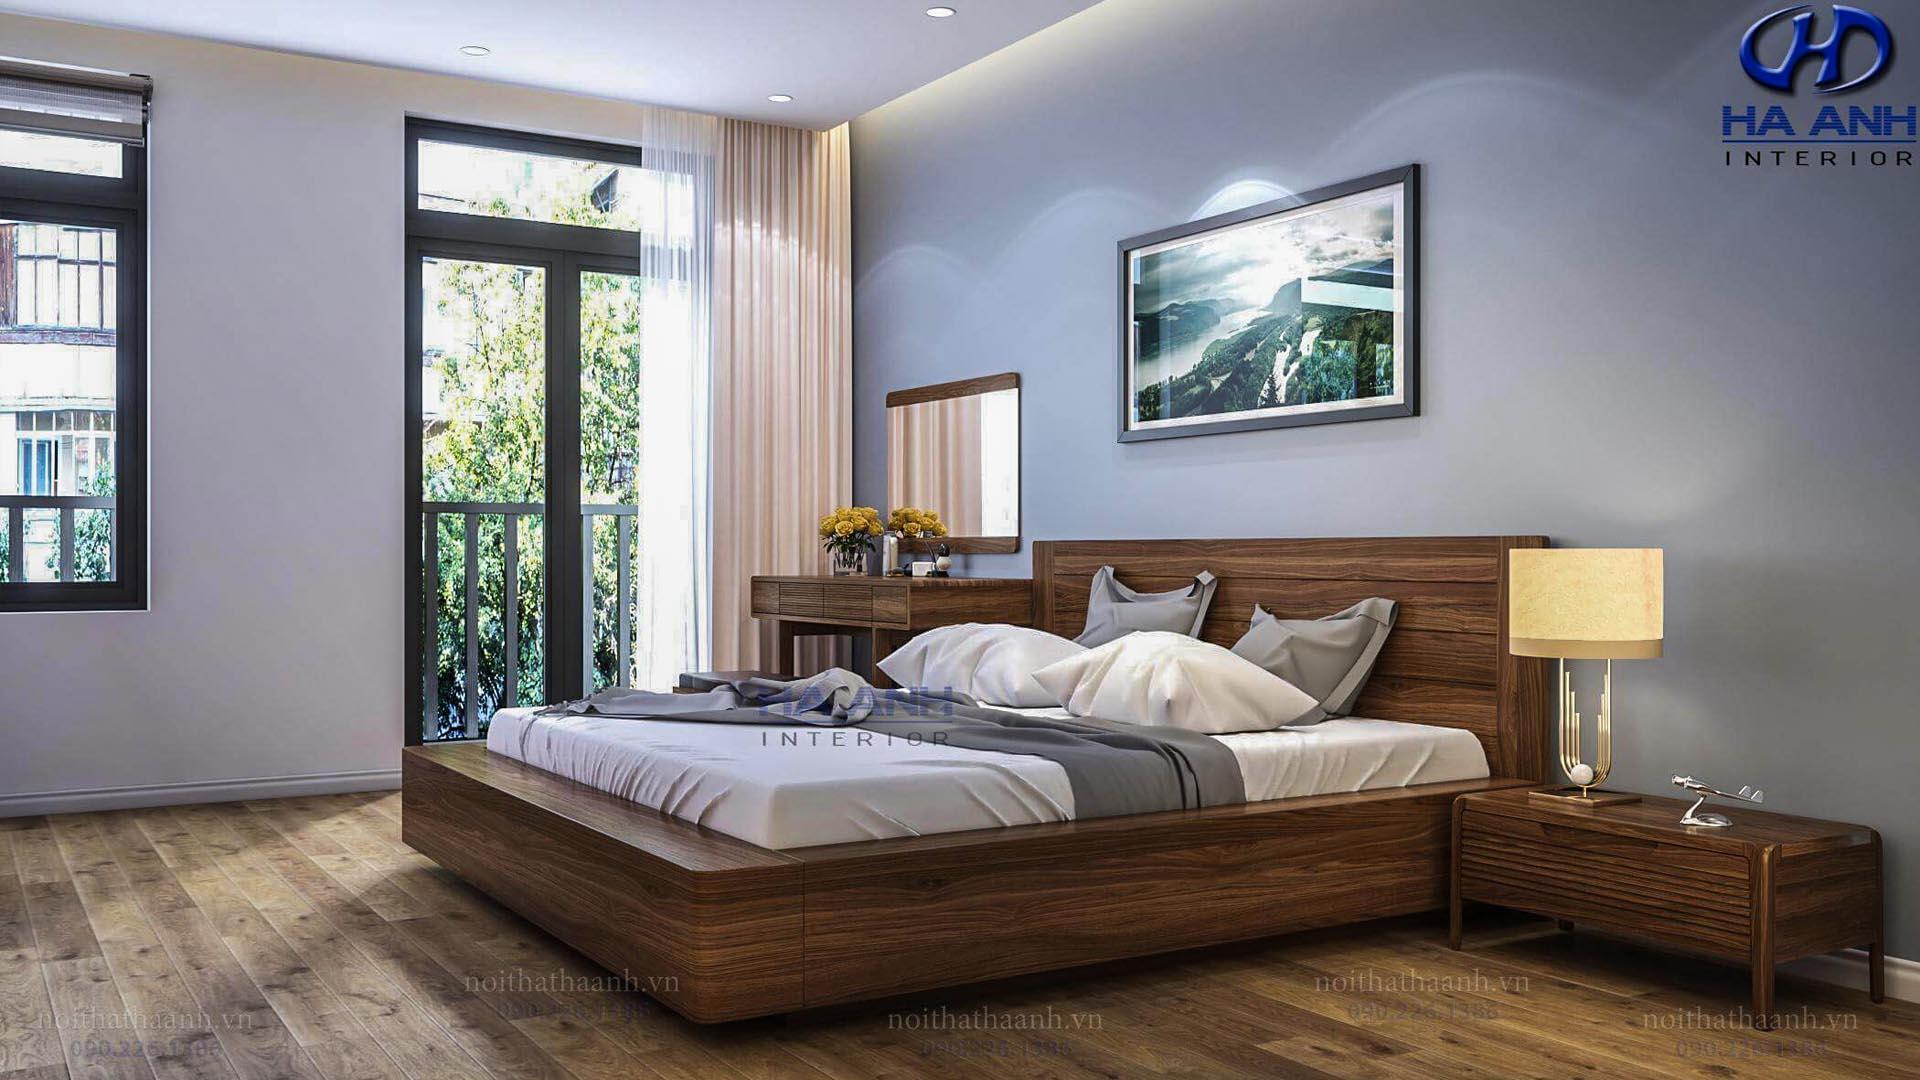 Giường ngủ gỗ Óc Chó Hà Anh HAT- 0246